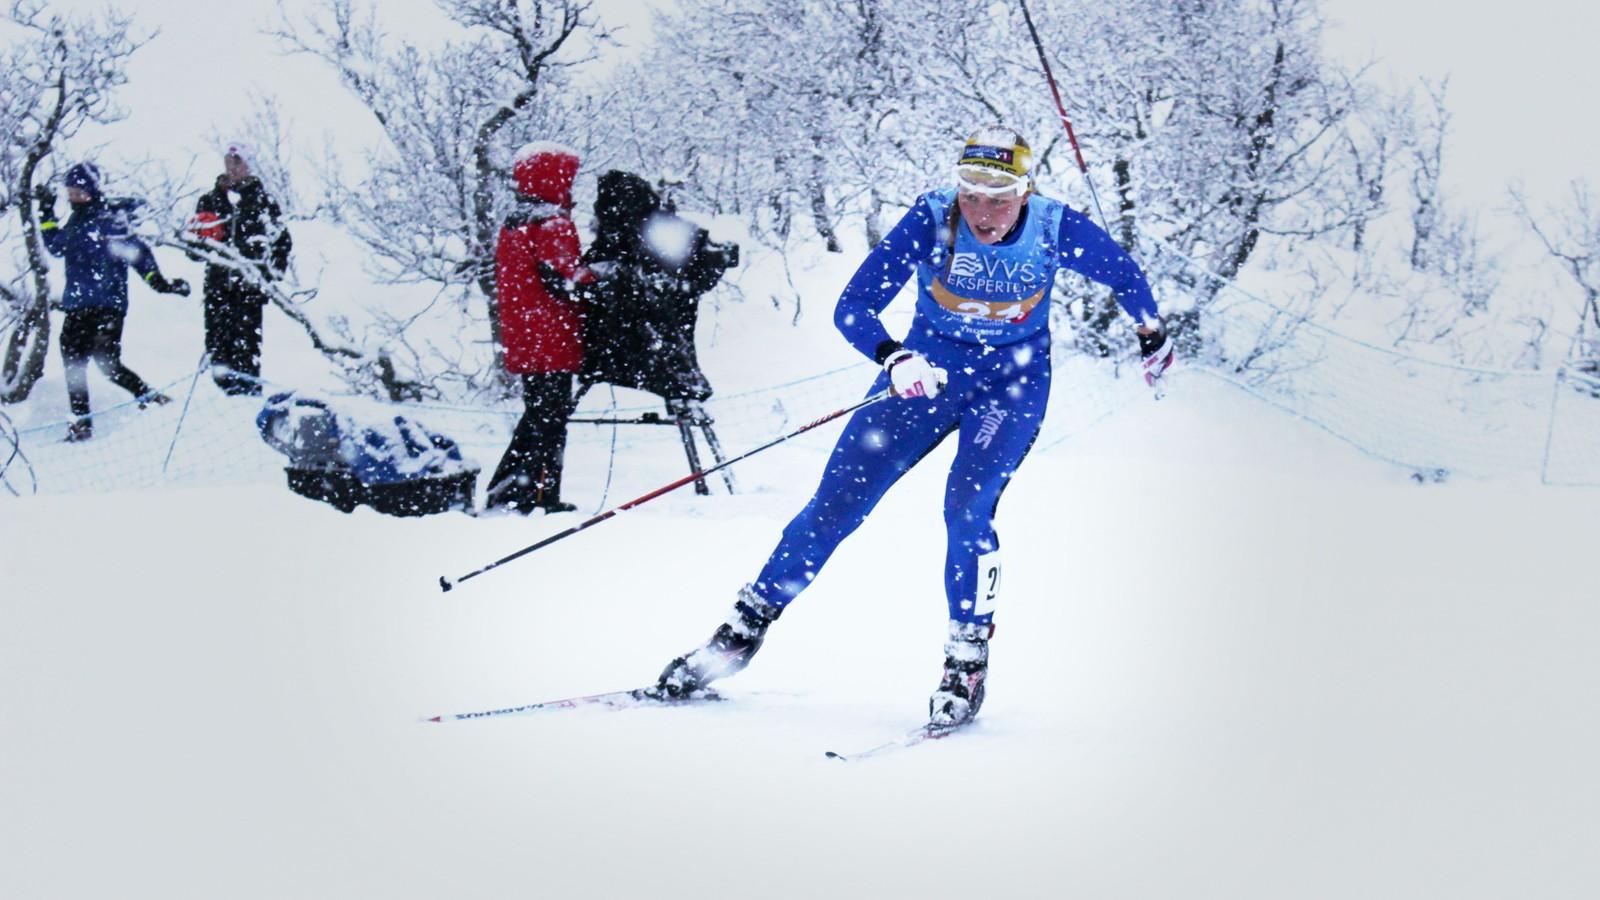 Marit Robertsen gikk sisteetappen for Kvaløysletta skilag under stafetten i NM på ski på Kvaløya i Tromsø. Det holdt nesten til bronsemedalje.